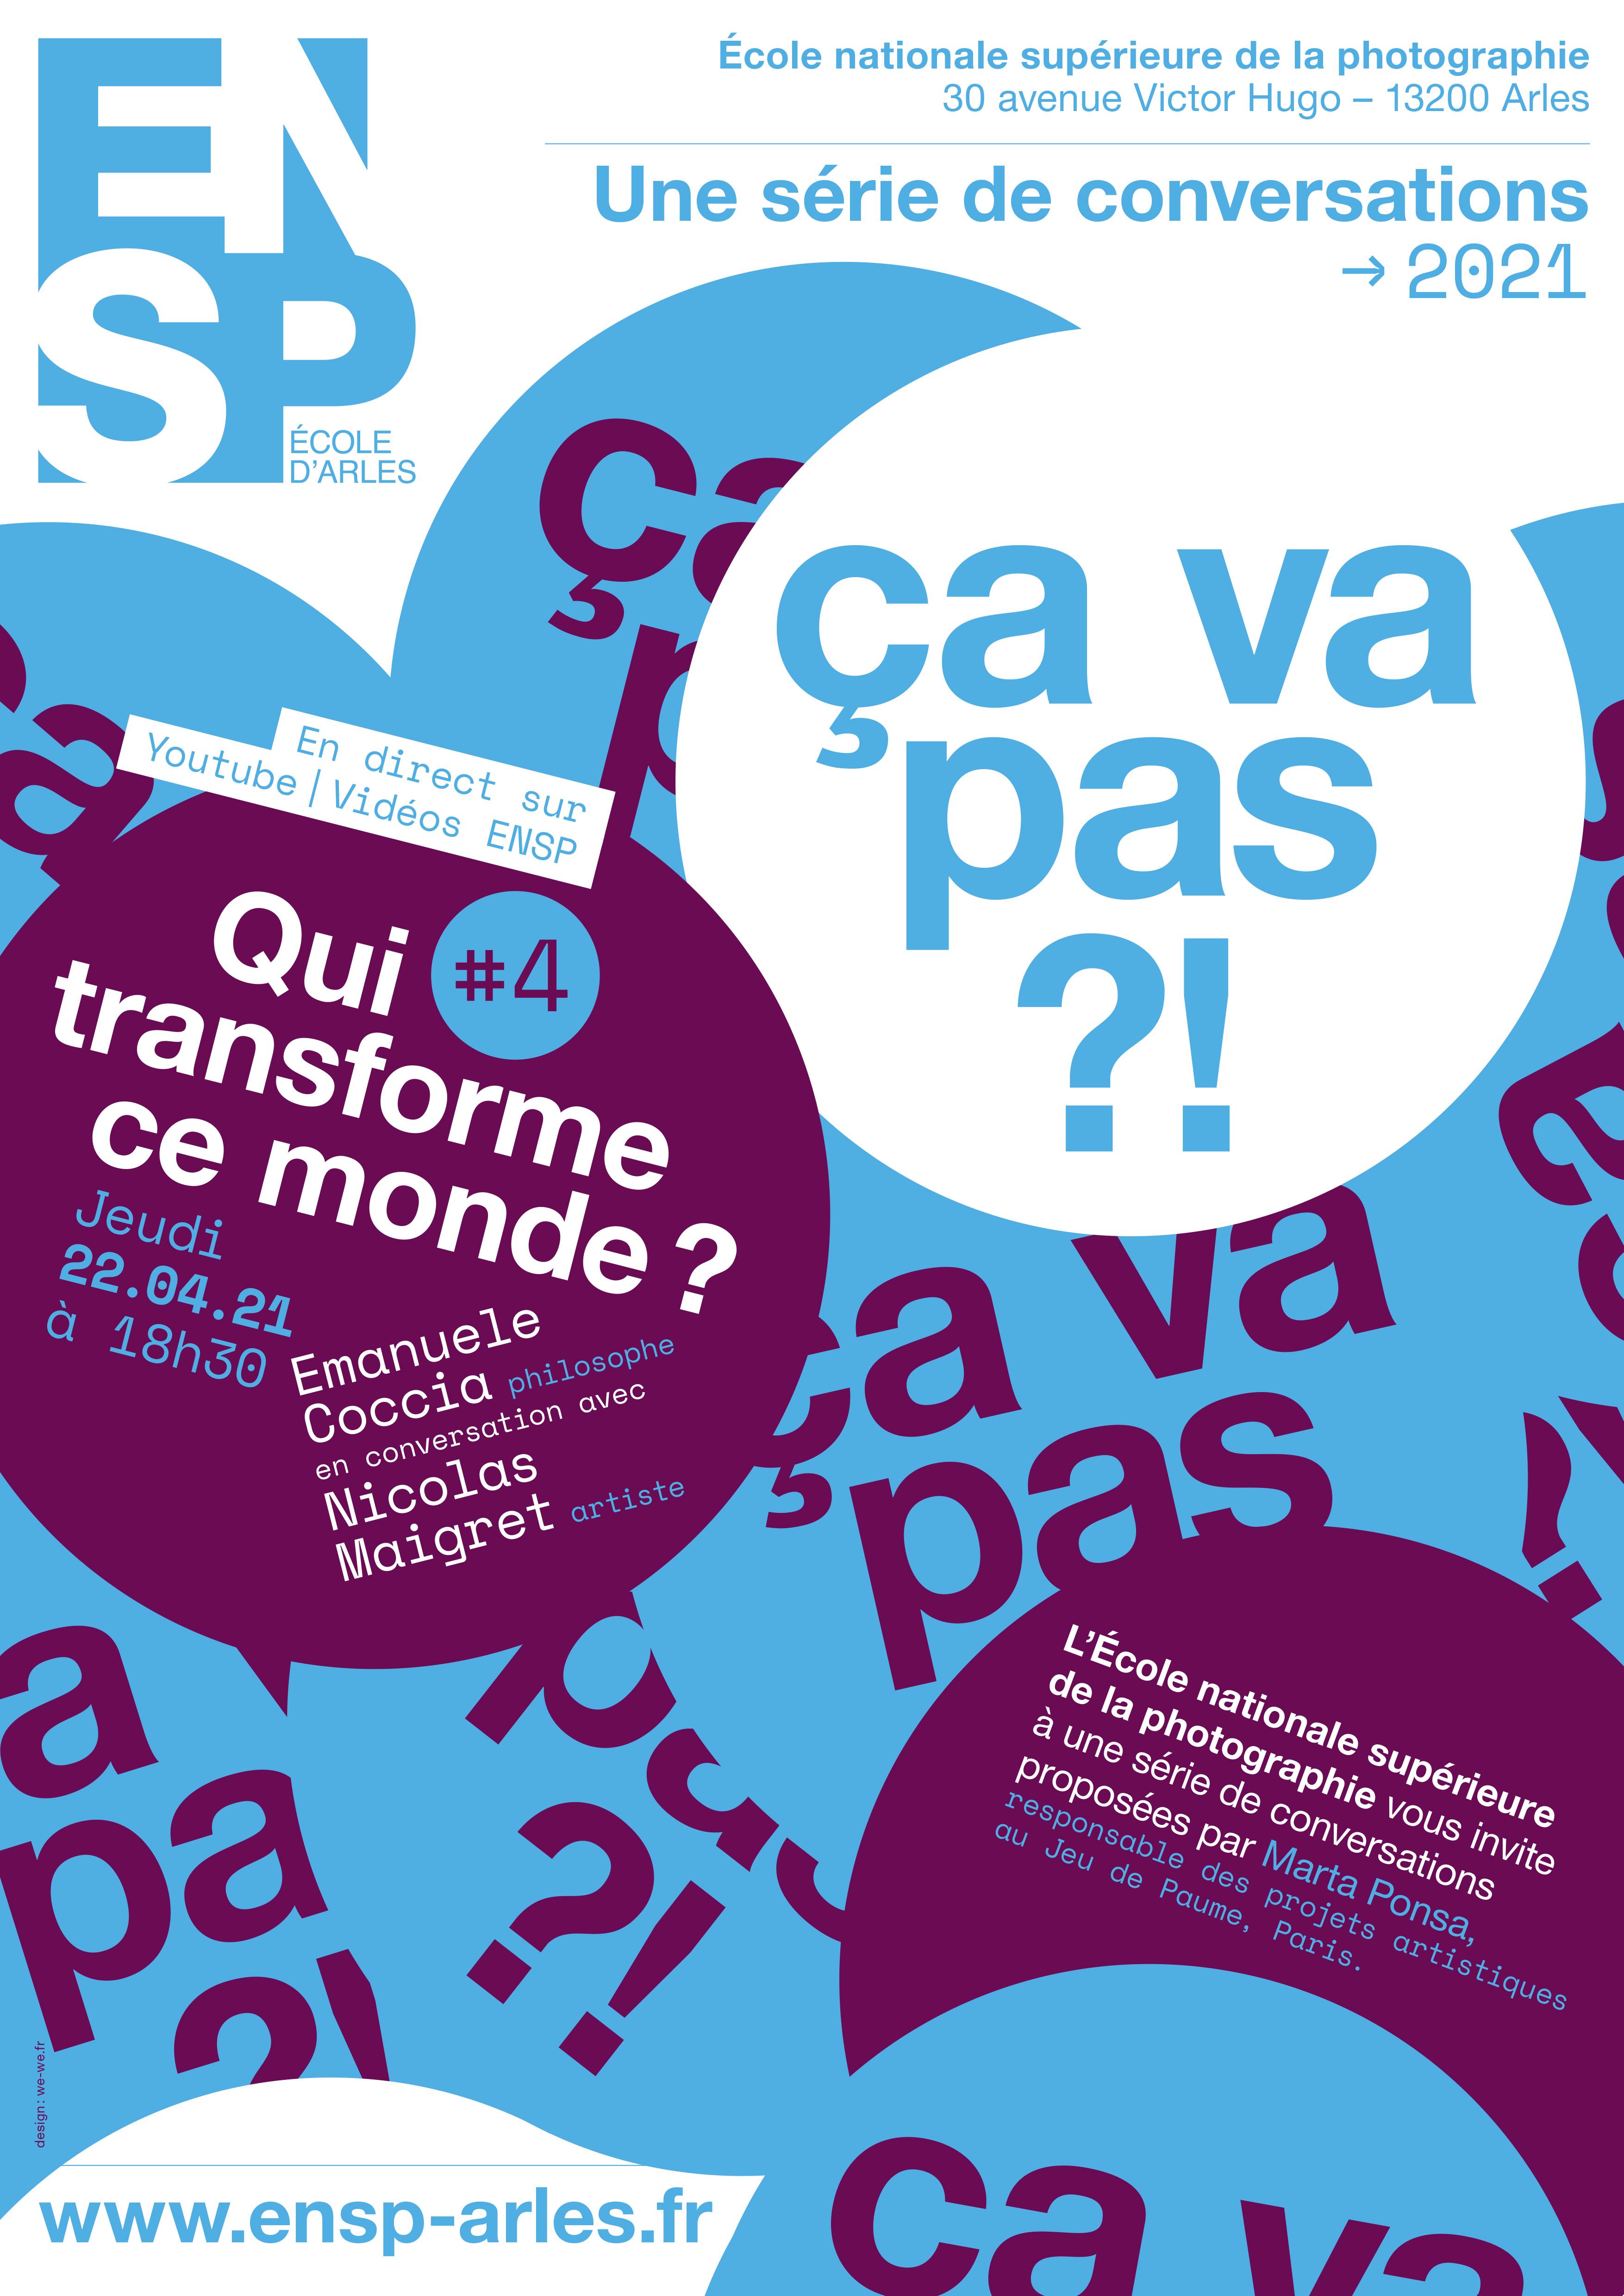 L'ENSP vous invite à une série de conversations proposées par Marta Ponsa, responsable des projets artistiques au Jeu de Paume, Paris | #4 avec Emanuele Coccia et Nicolas Maigret